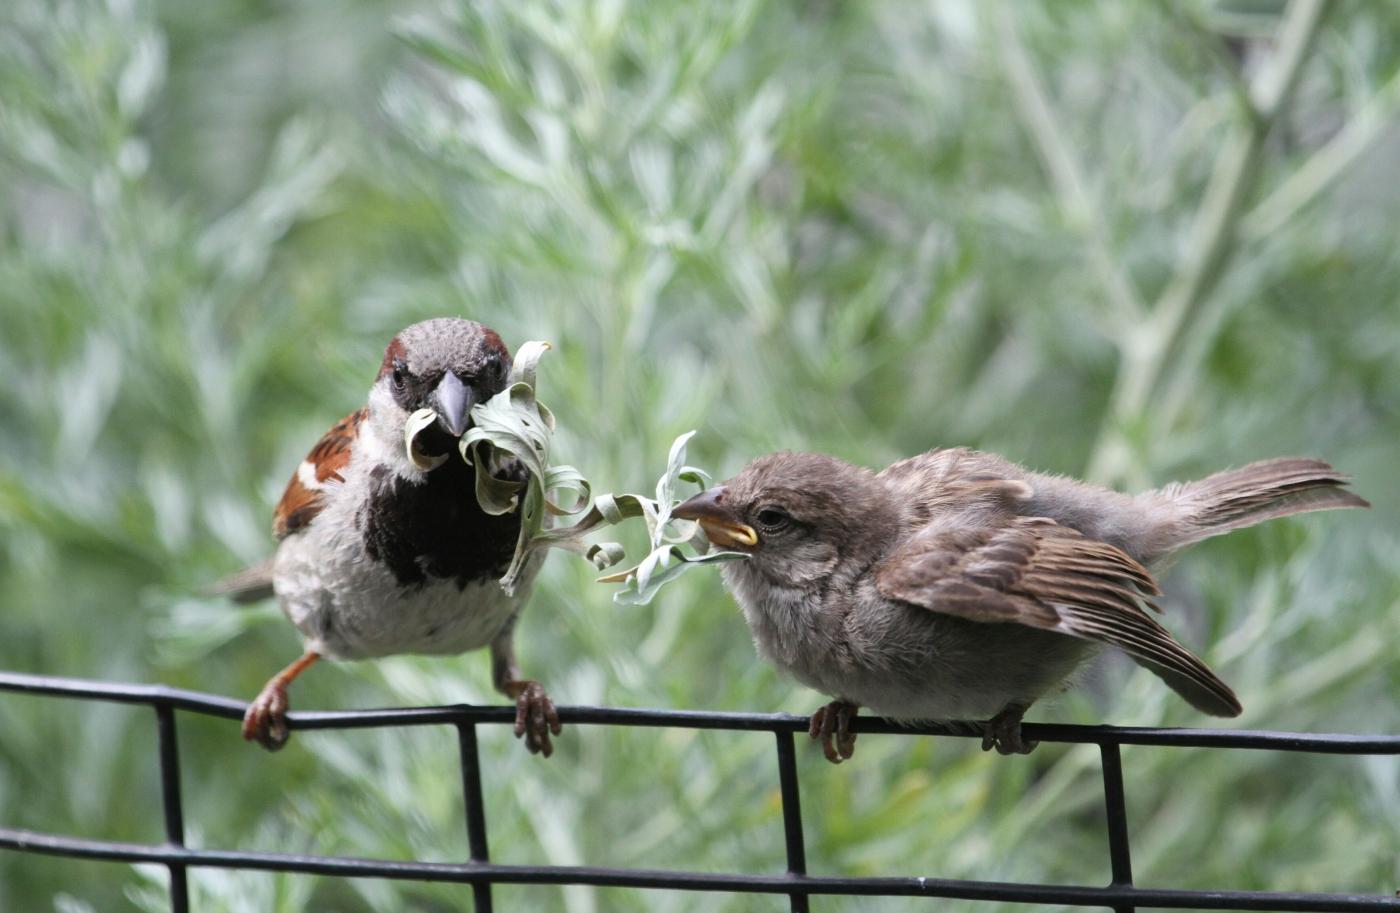 【田螺摄影】在公园拍麻雀喂养_图1-15